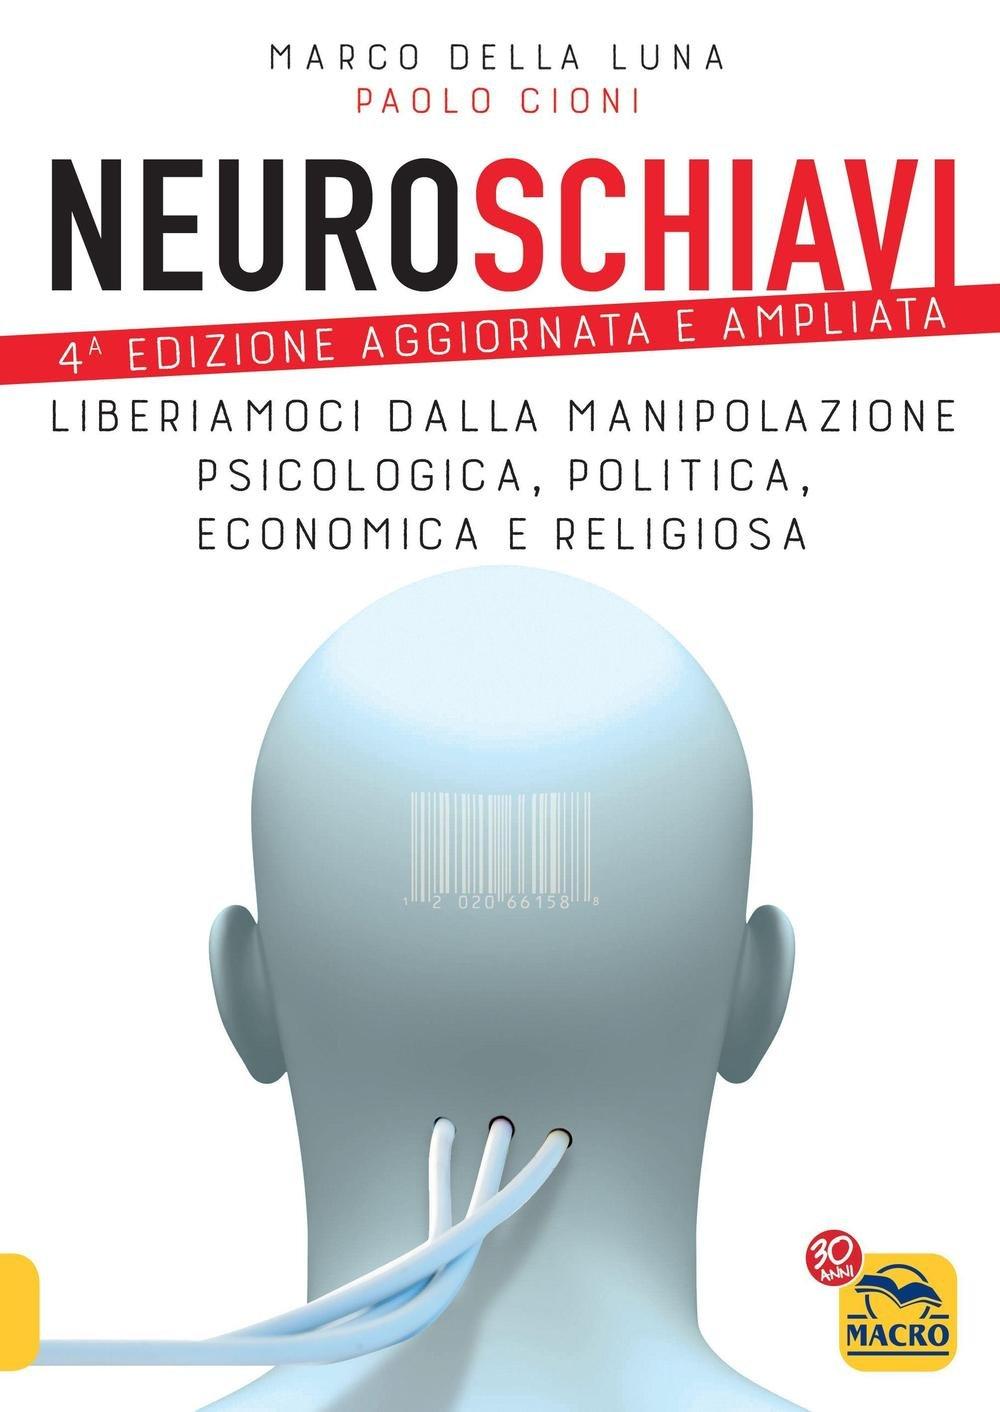 Neuroschiavi. Liberiamoci dalla manipolazione psicologica, politica, economica e religiosa